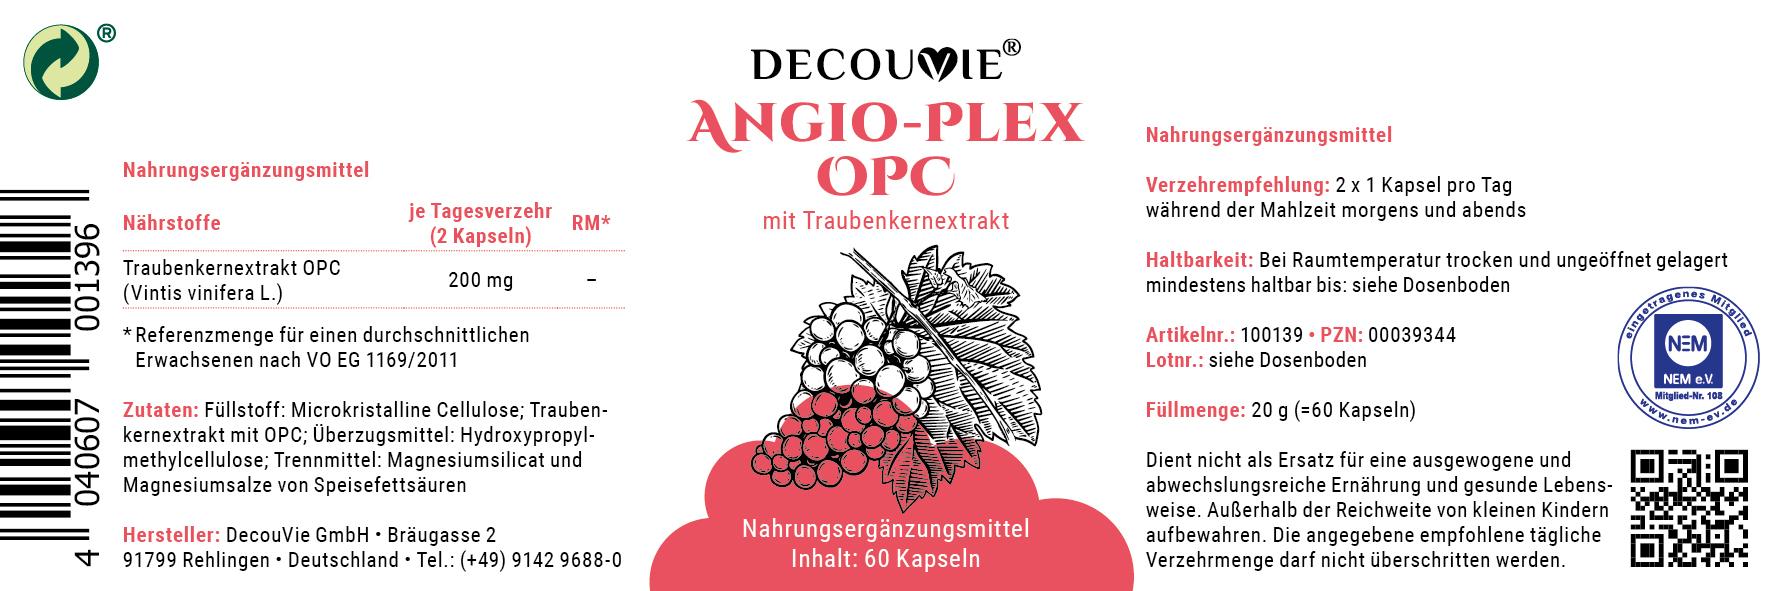 Angio Plex OPC, mit Traubenkernextrakt für Herz, Kreislauf und Gefäße, 60 Kapseln